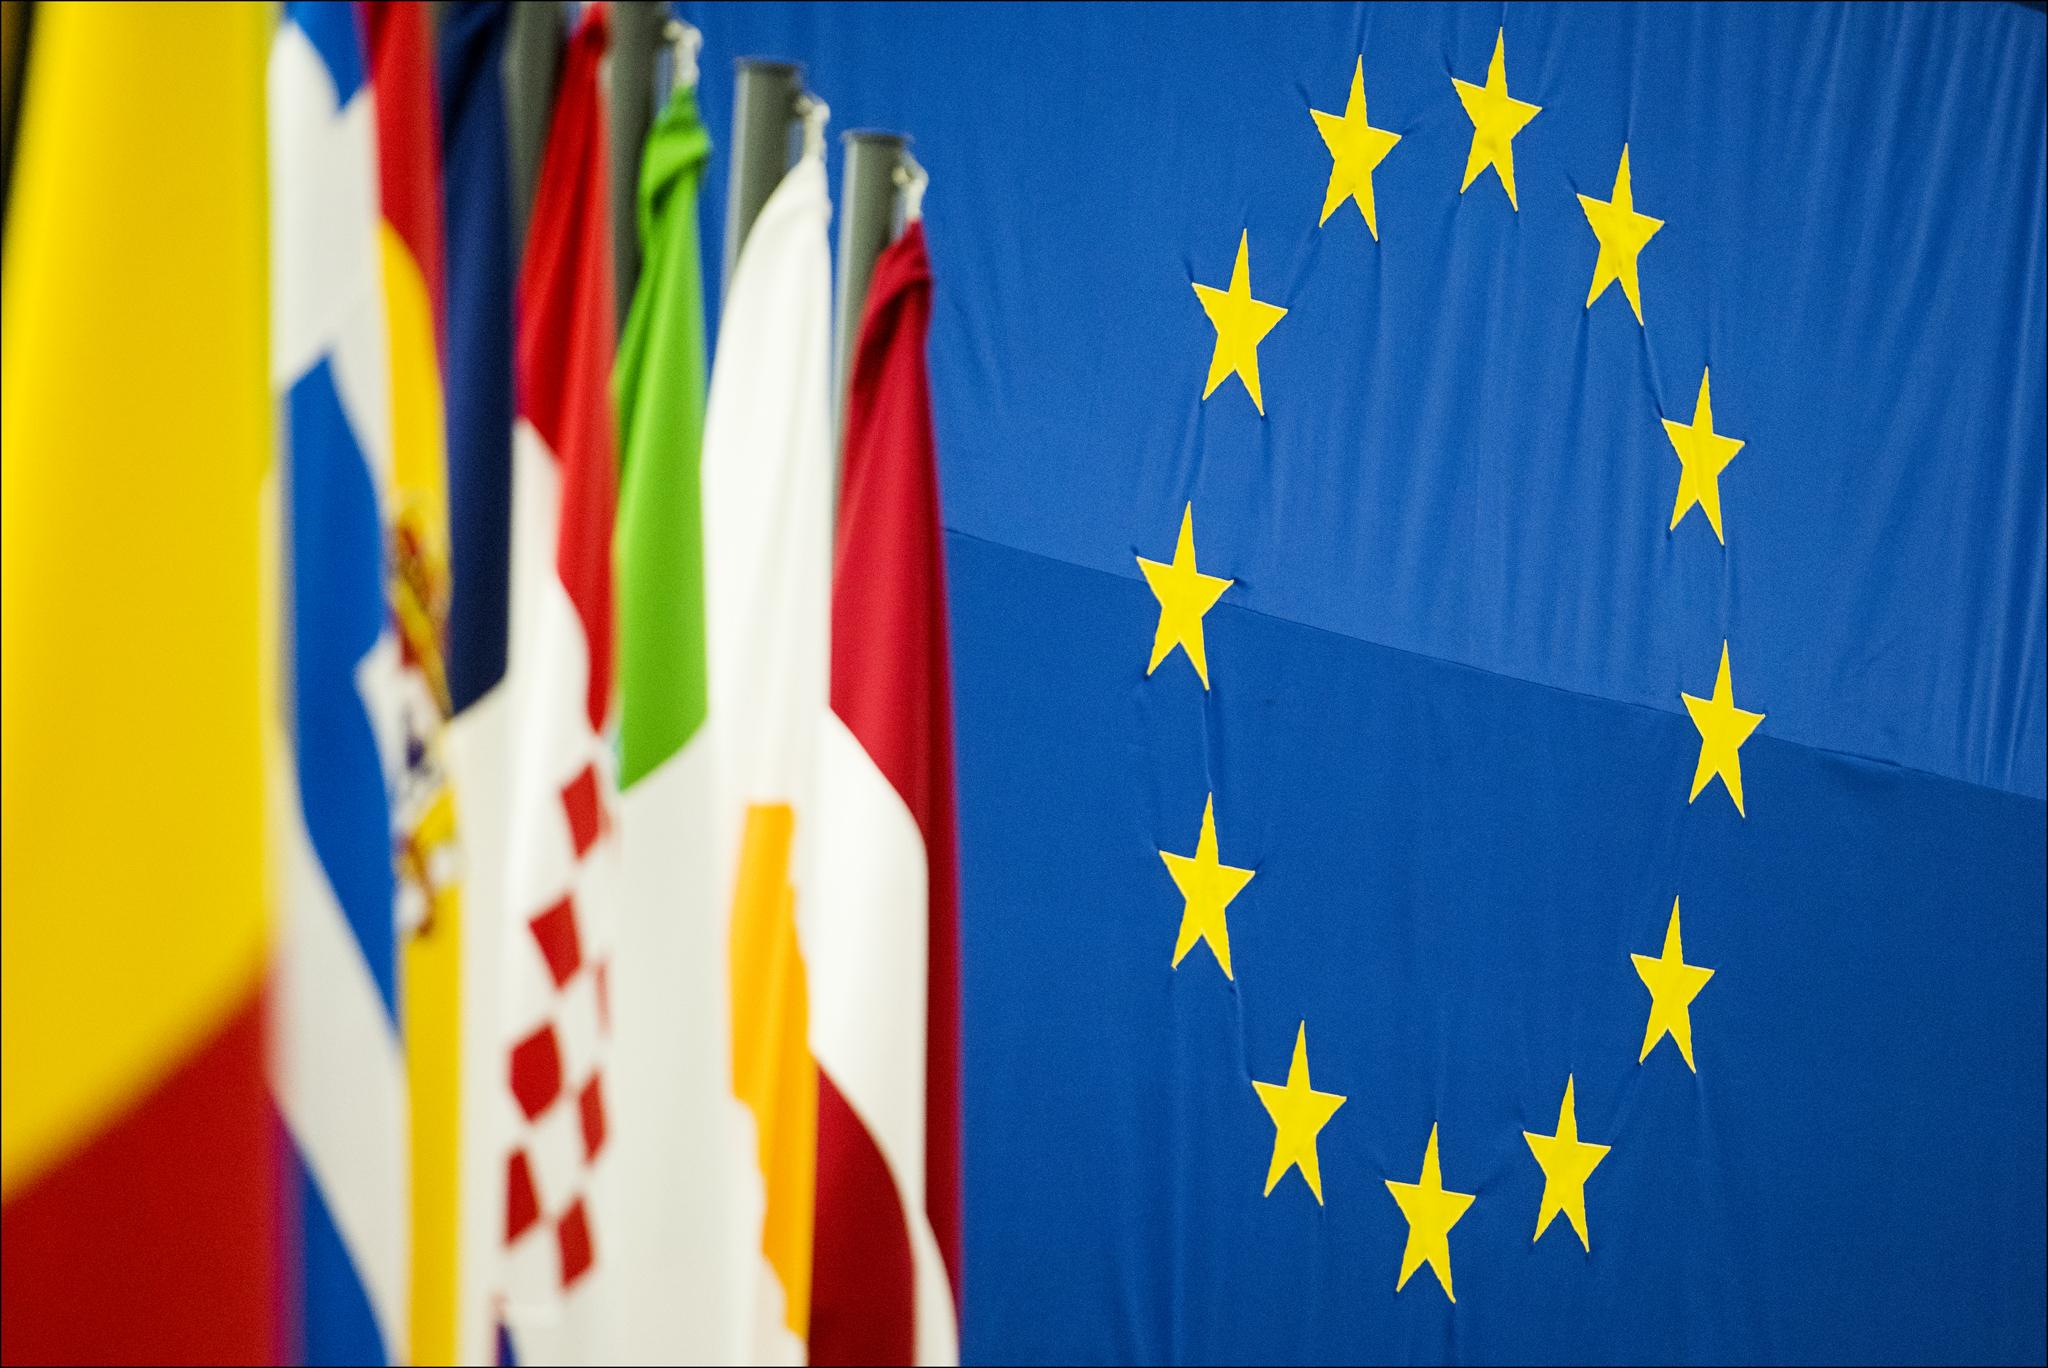 Attribution - Non Commericial - No Derivs Creative Commons © European Union 2015 - European Parliament ---------------------------------------- Pietro Naj-Oleari: European Parliament, Information General Directoratem, Web Communication Unit, Picture Editor. Phone: +32479721559/+32.2.28 40 633 E-mail: pietro.naj-oleari@europarl.europa.eu